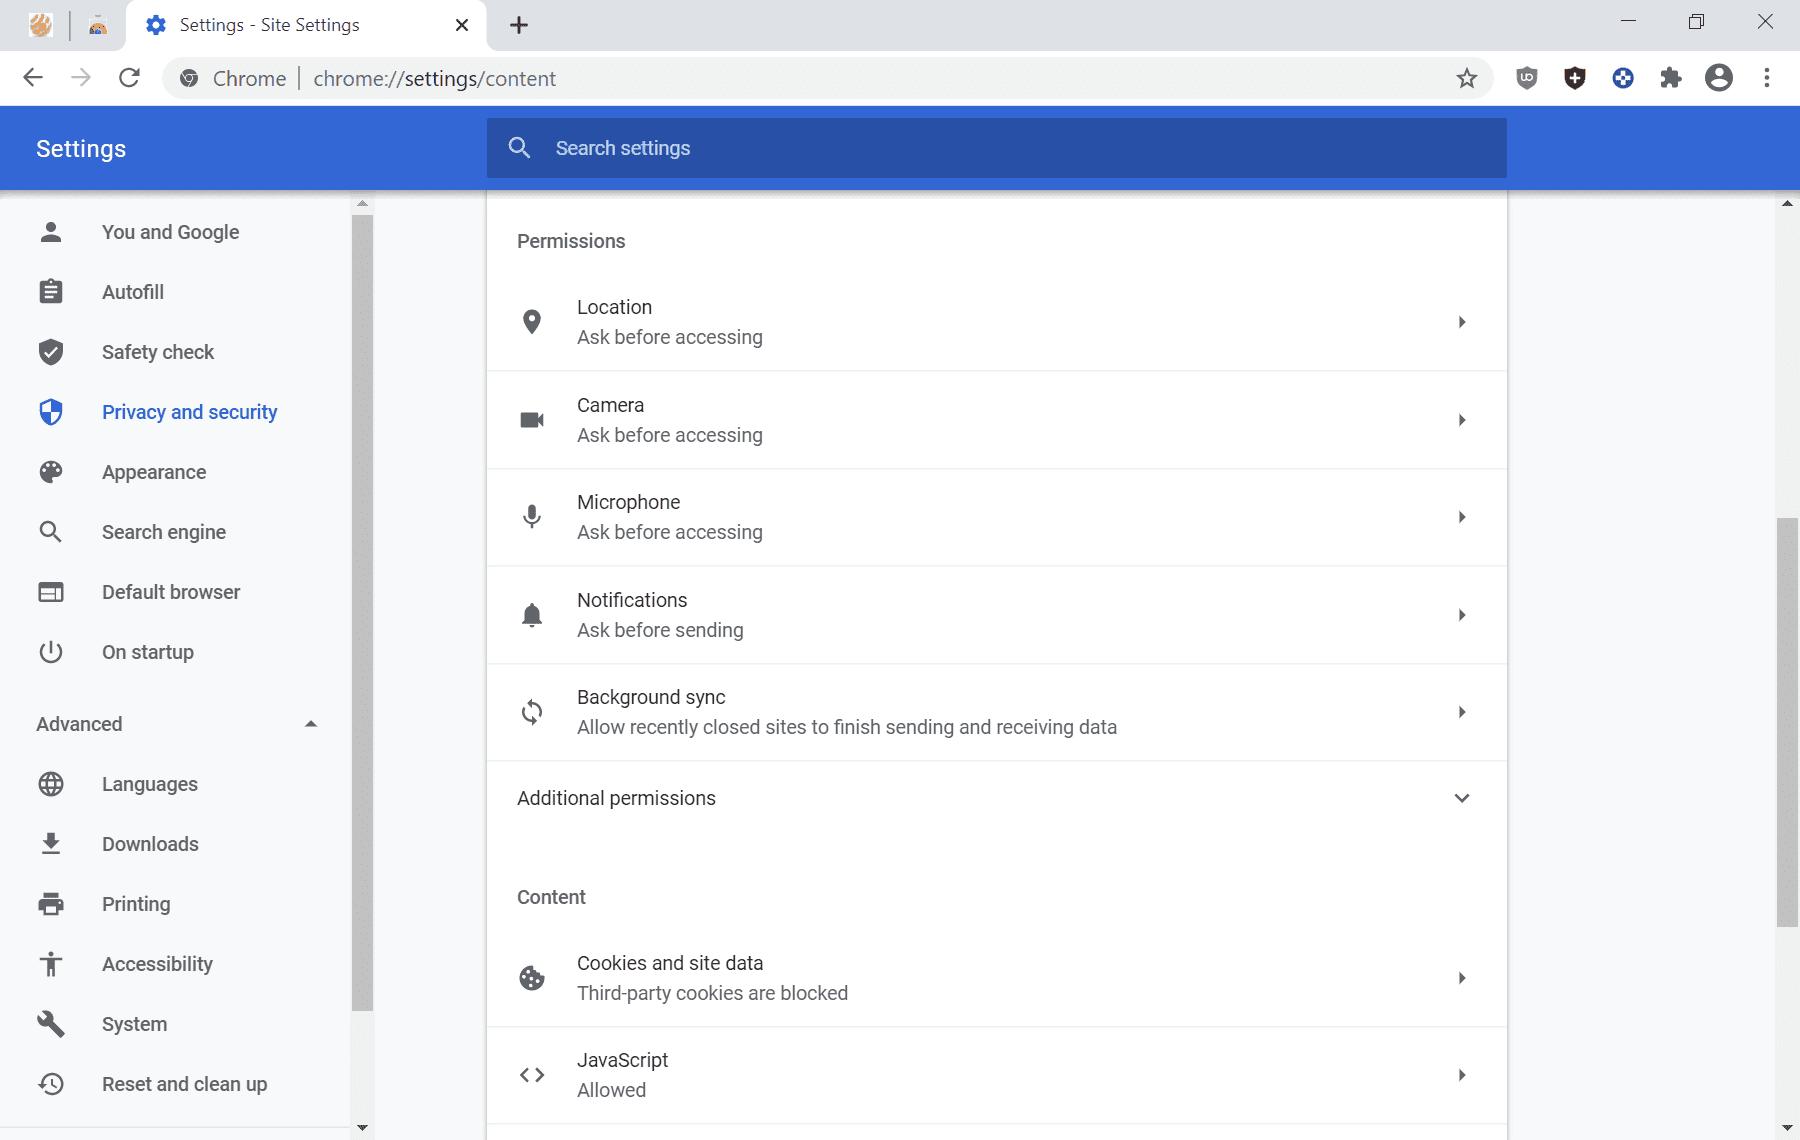 cchrome 83 configuración del sitio